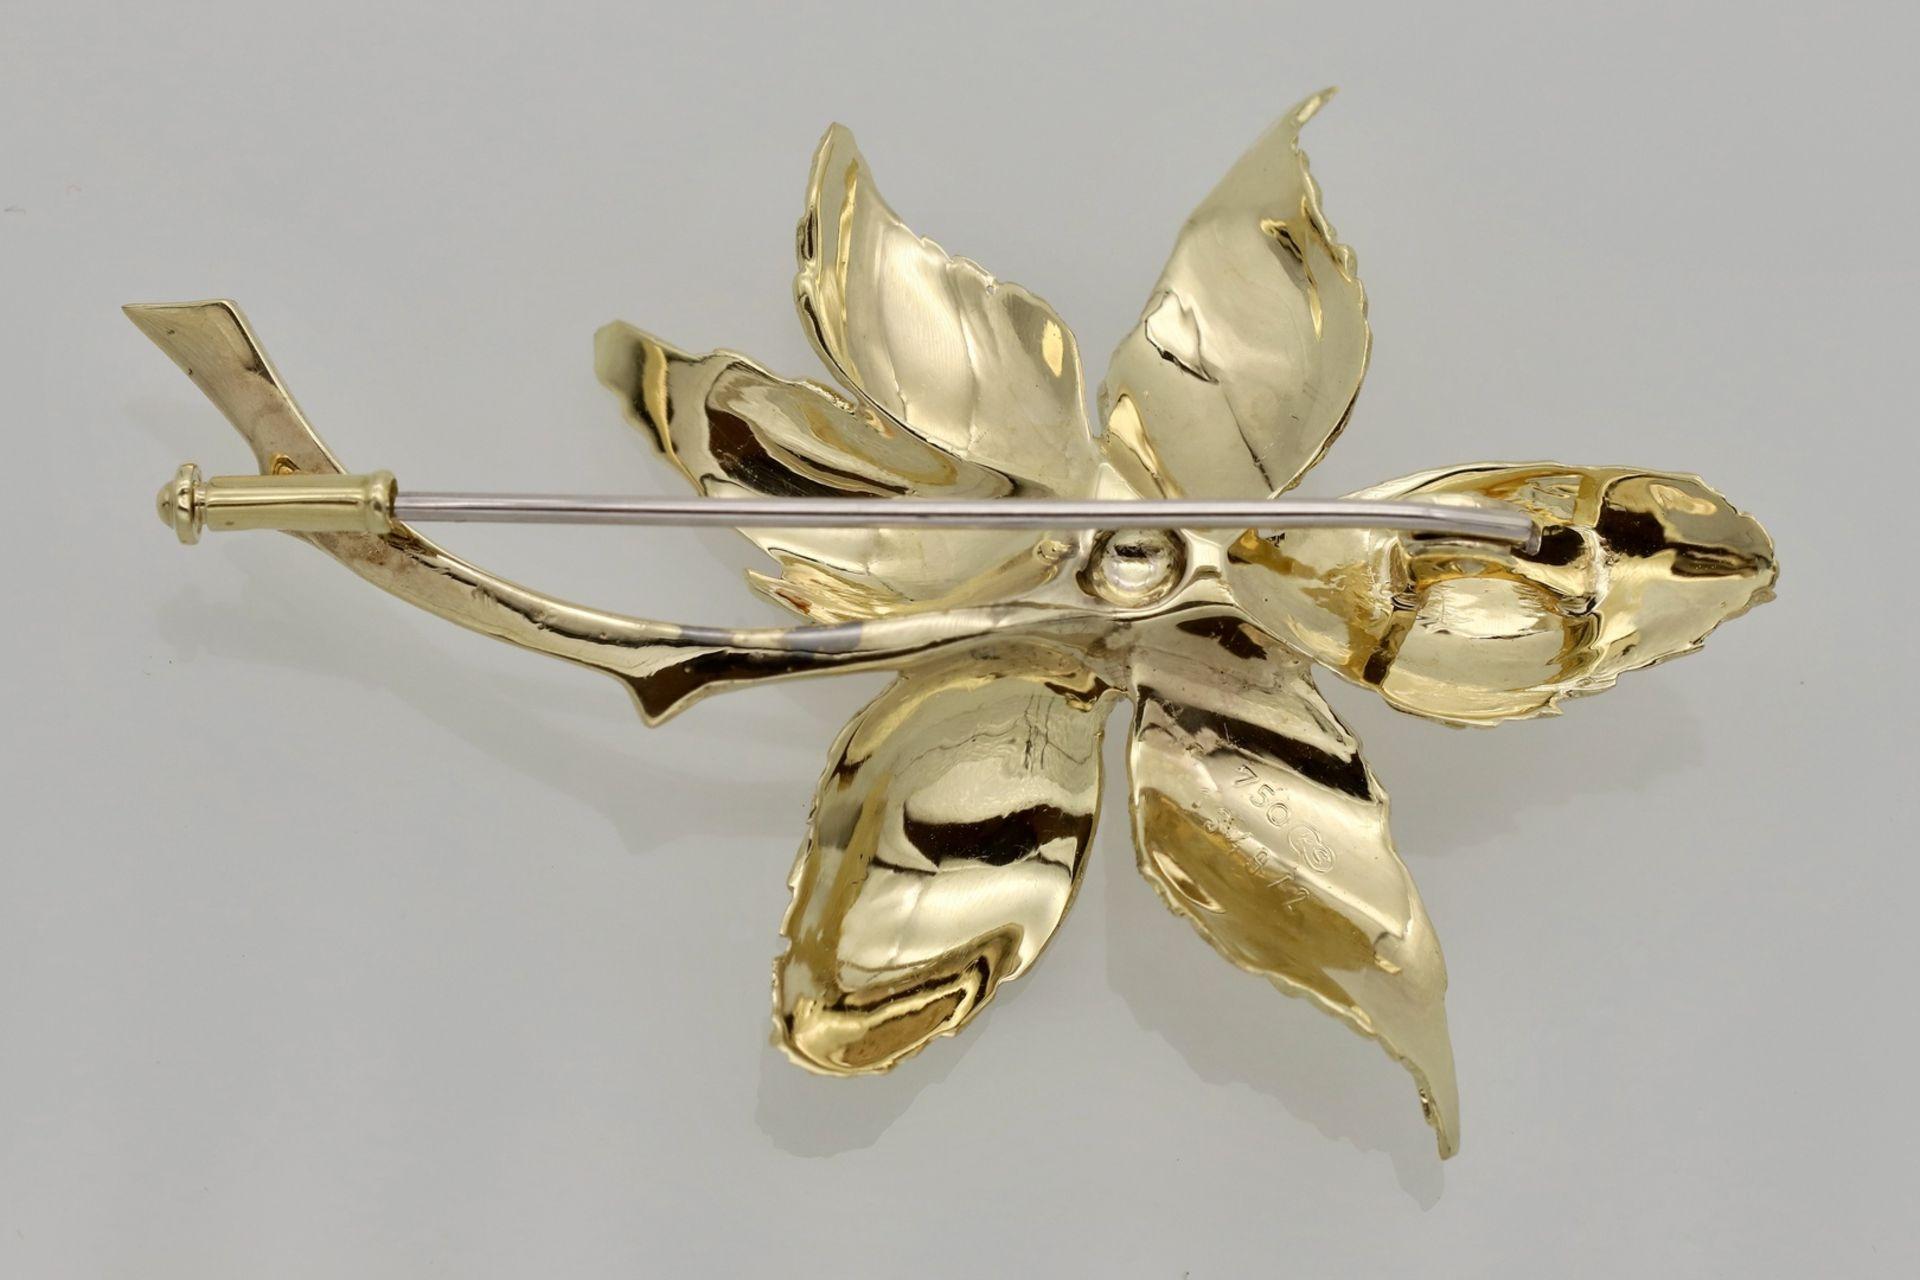 Blüten-Brosche mit Brillant besetzt - Bild 2 aus 2